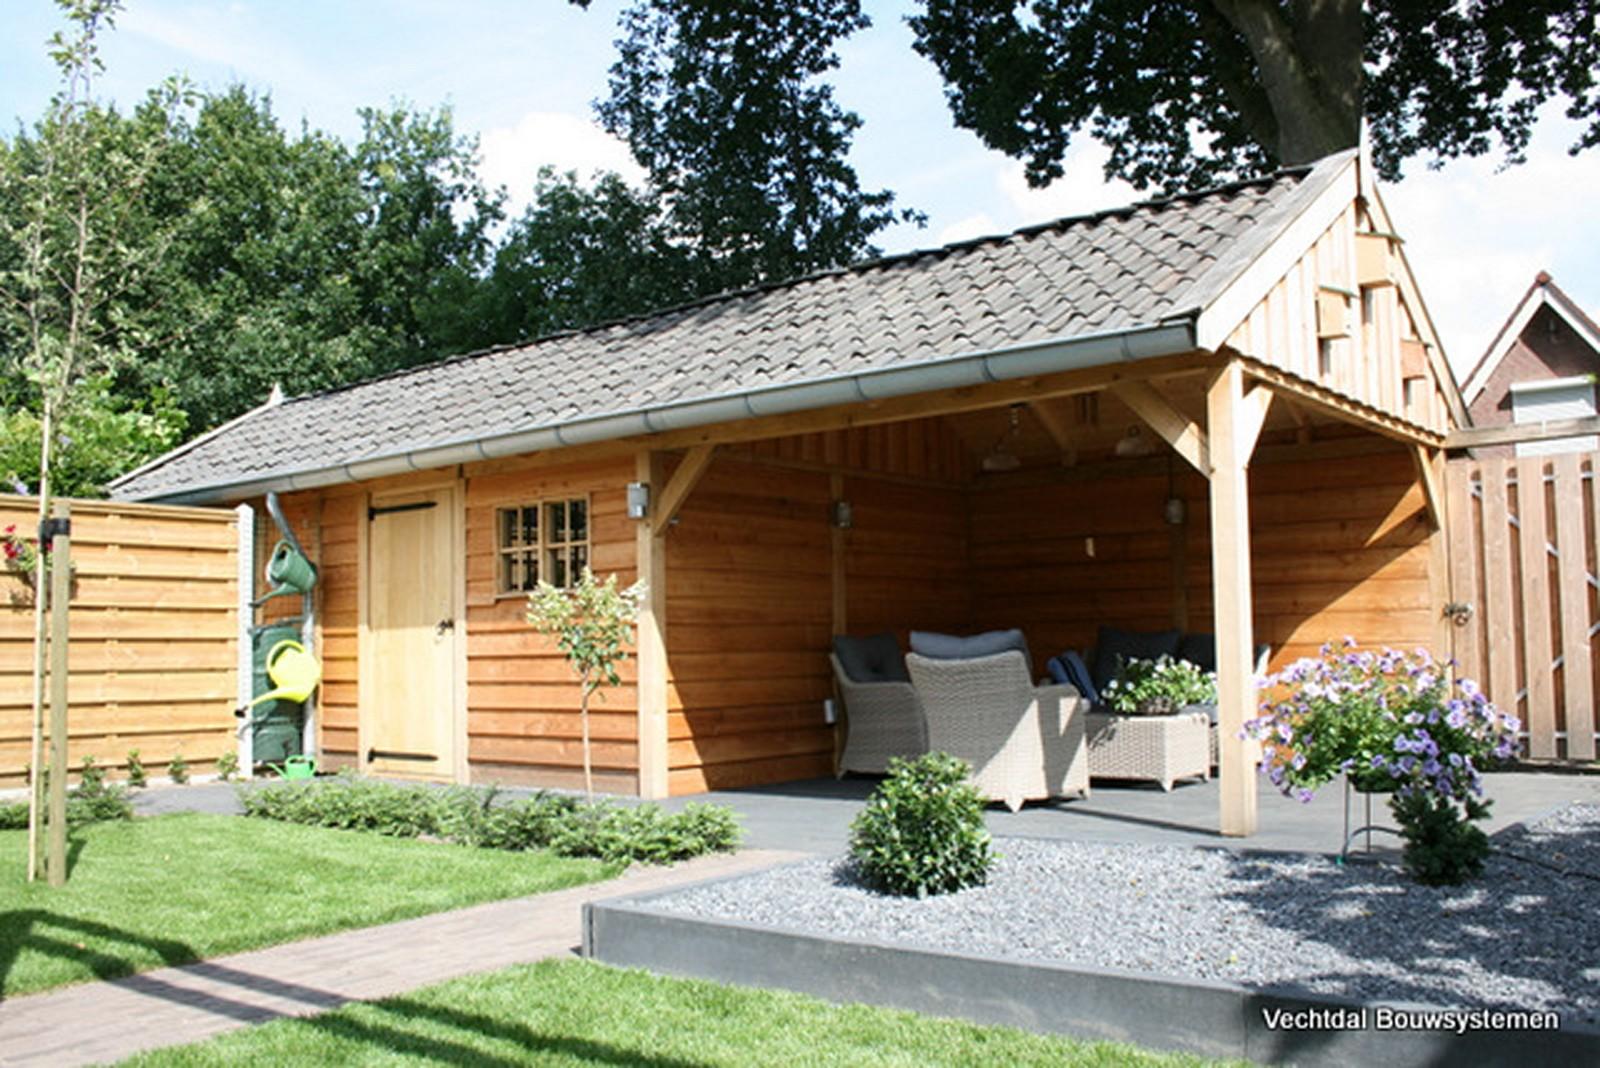 eiken_tuinhuis_1 - Ontdek de charme van een eiken bijgebouw.